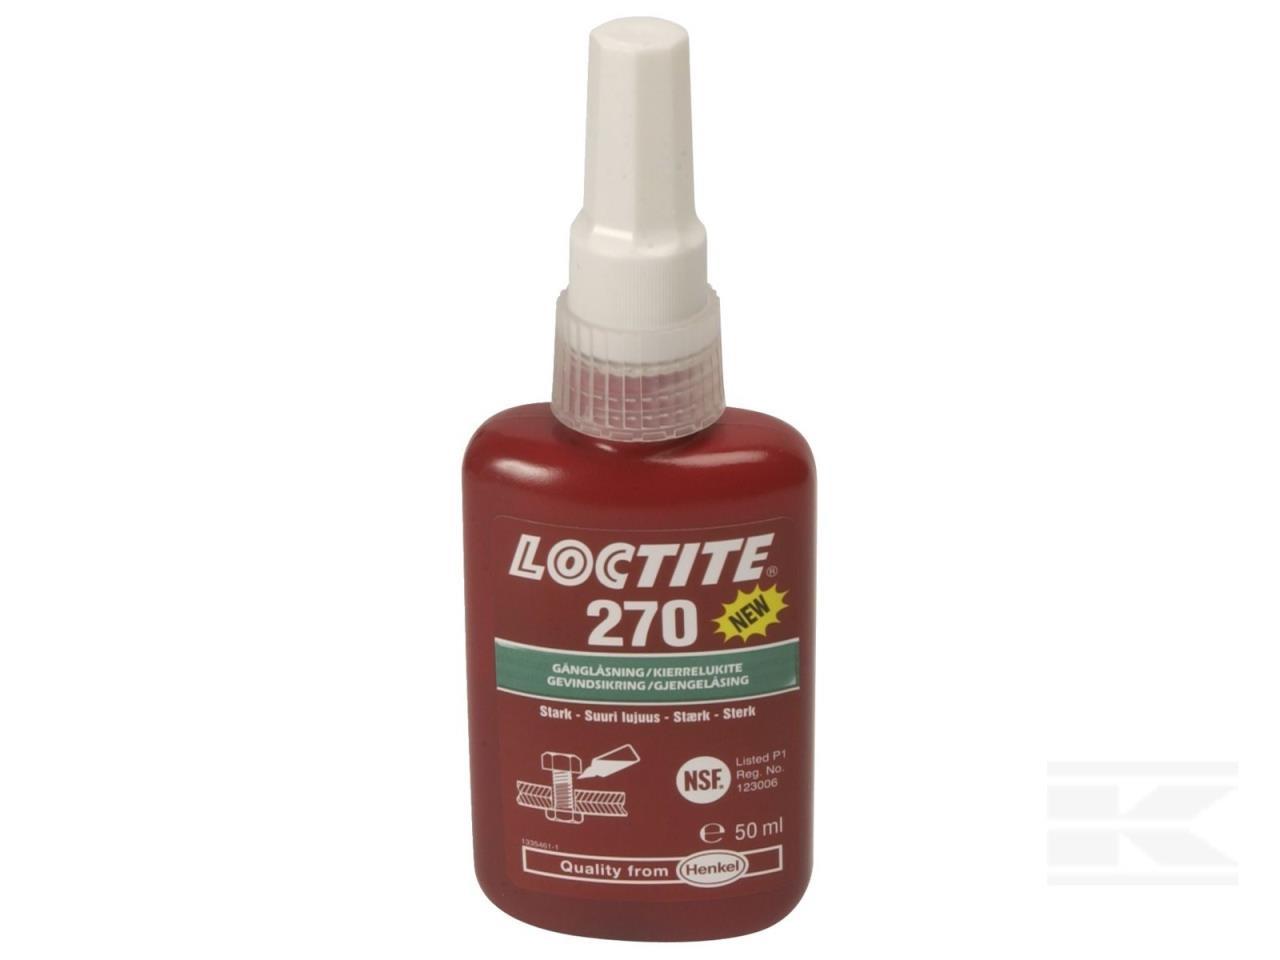 Loctite270 Gevindsikring stærk grøn 50ml